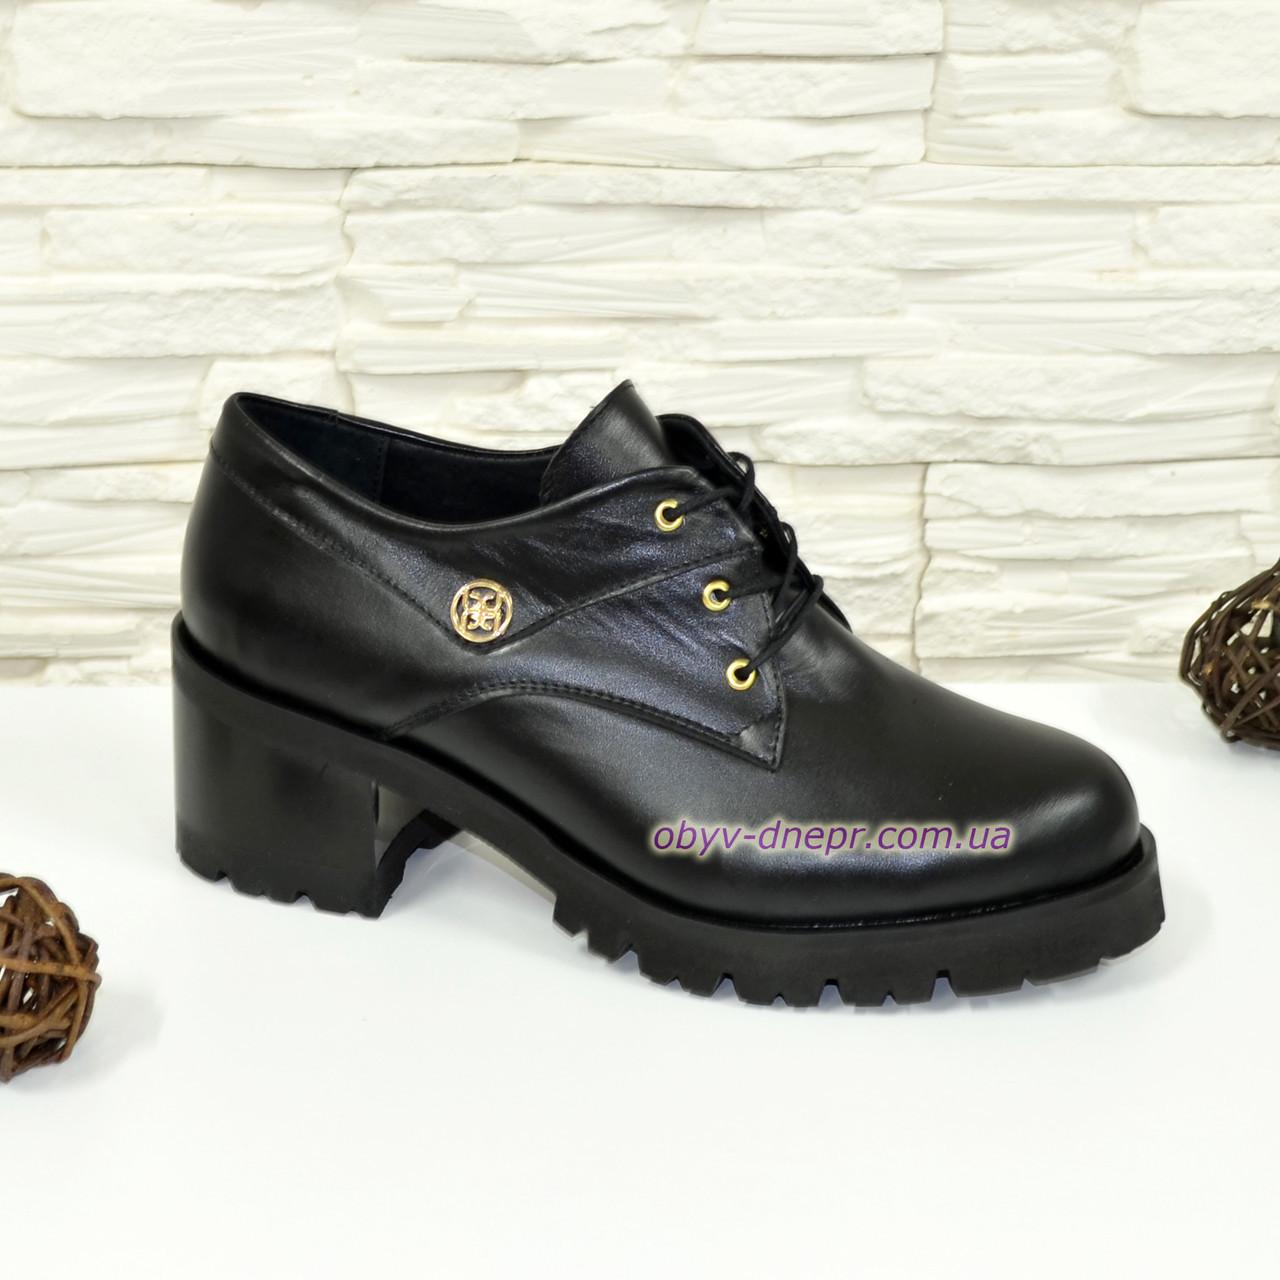 Туфли женские кожаные на шнуровке, декорированы фурнитурой